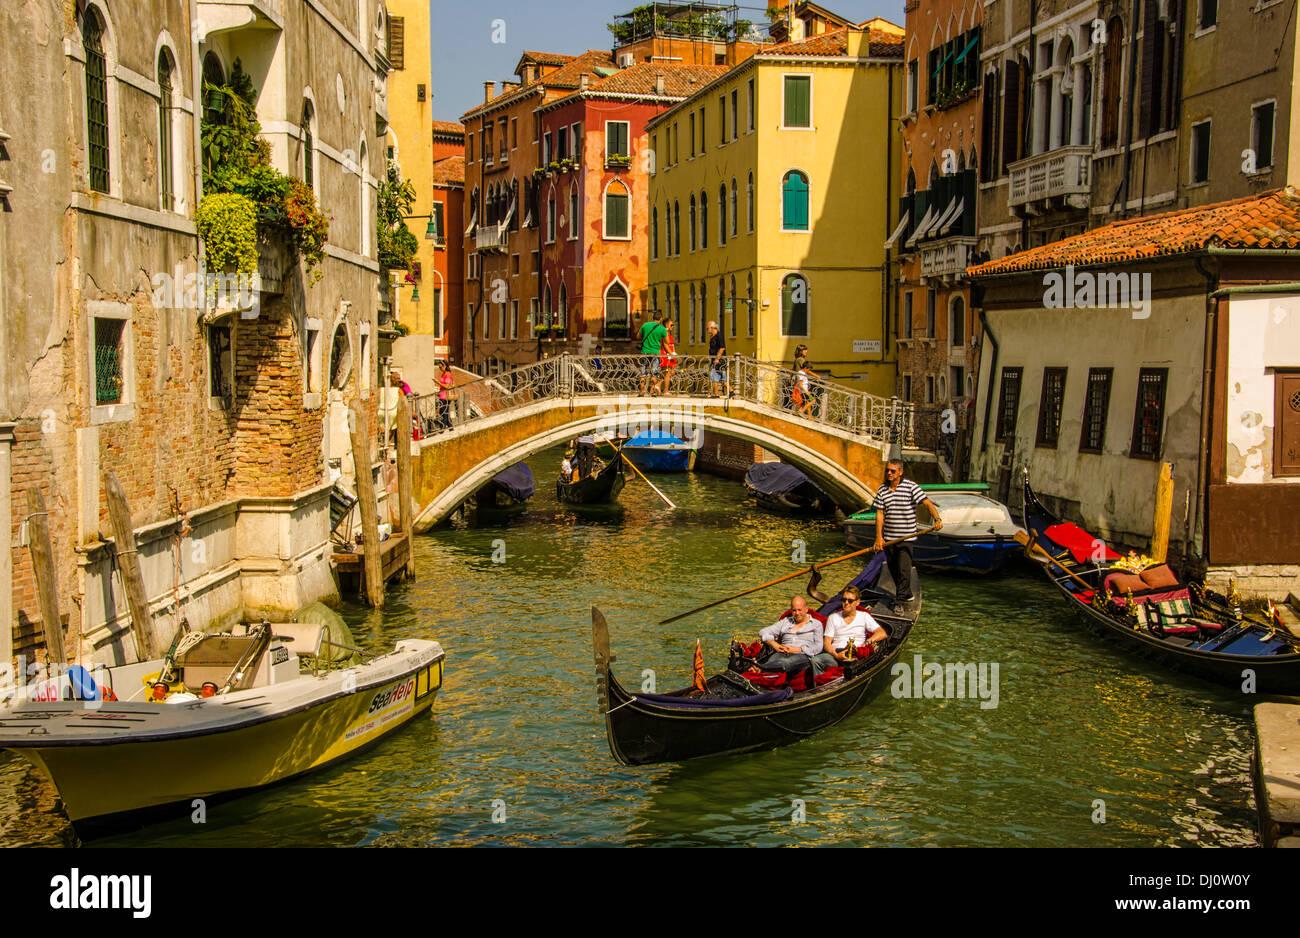 Disfruta de un paseo en góndola en Venecia, Italia. Imagen De Stock